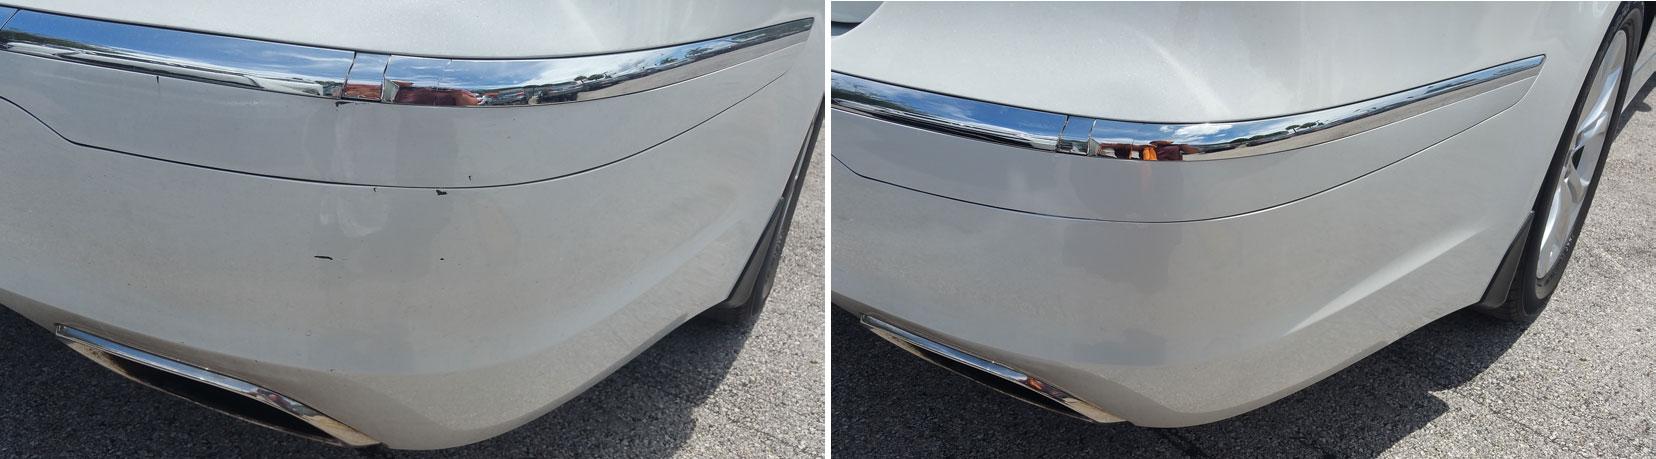 Bumper-Paint-Repair-Palm-Beach,-FL